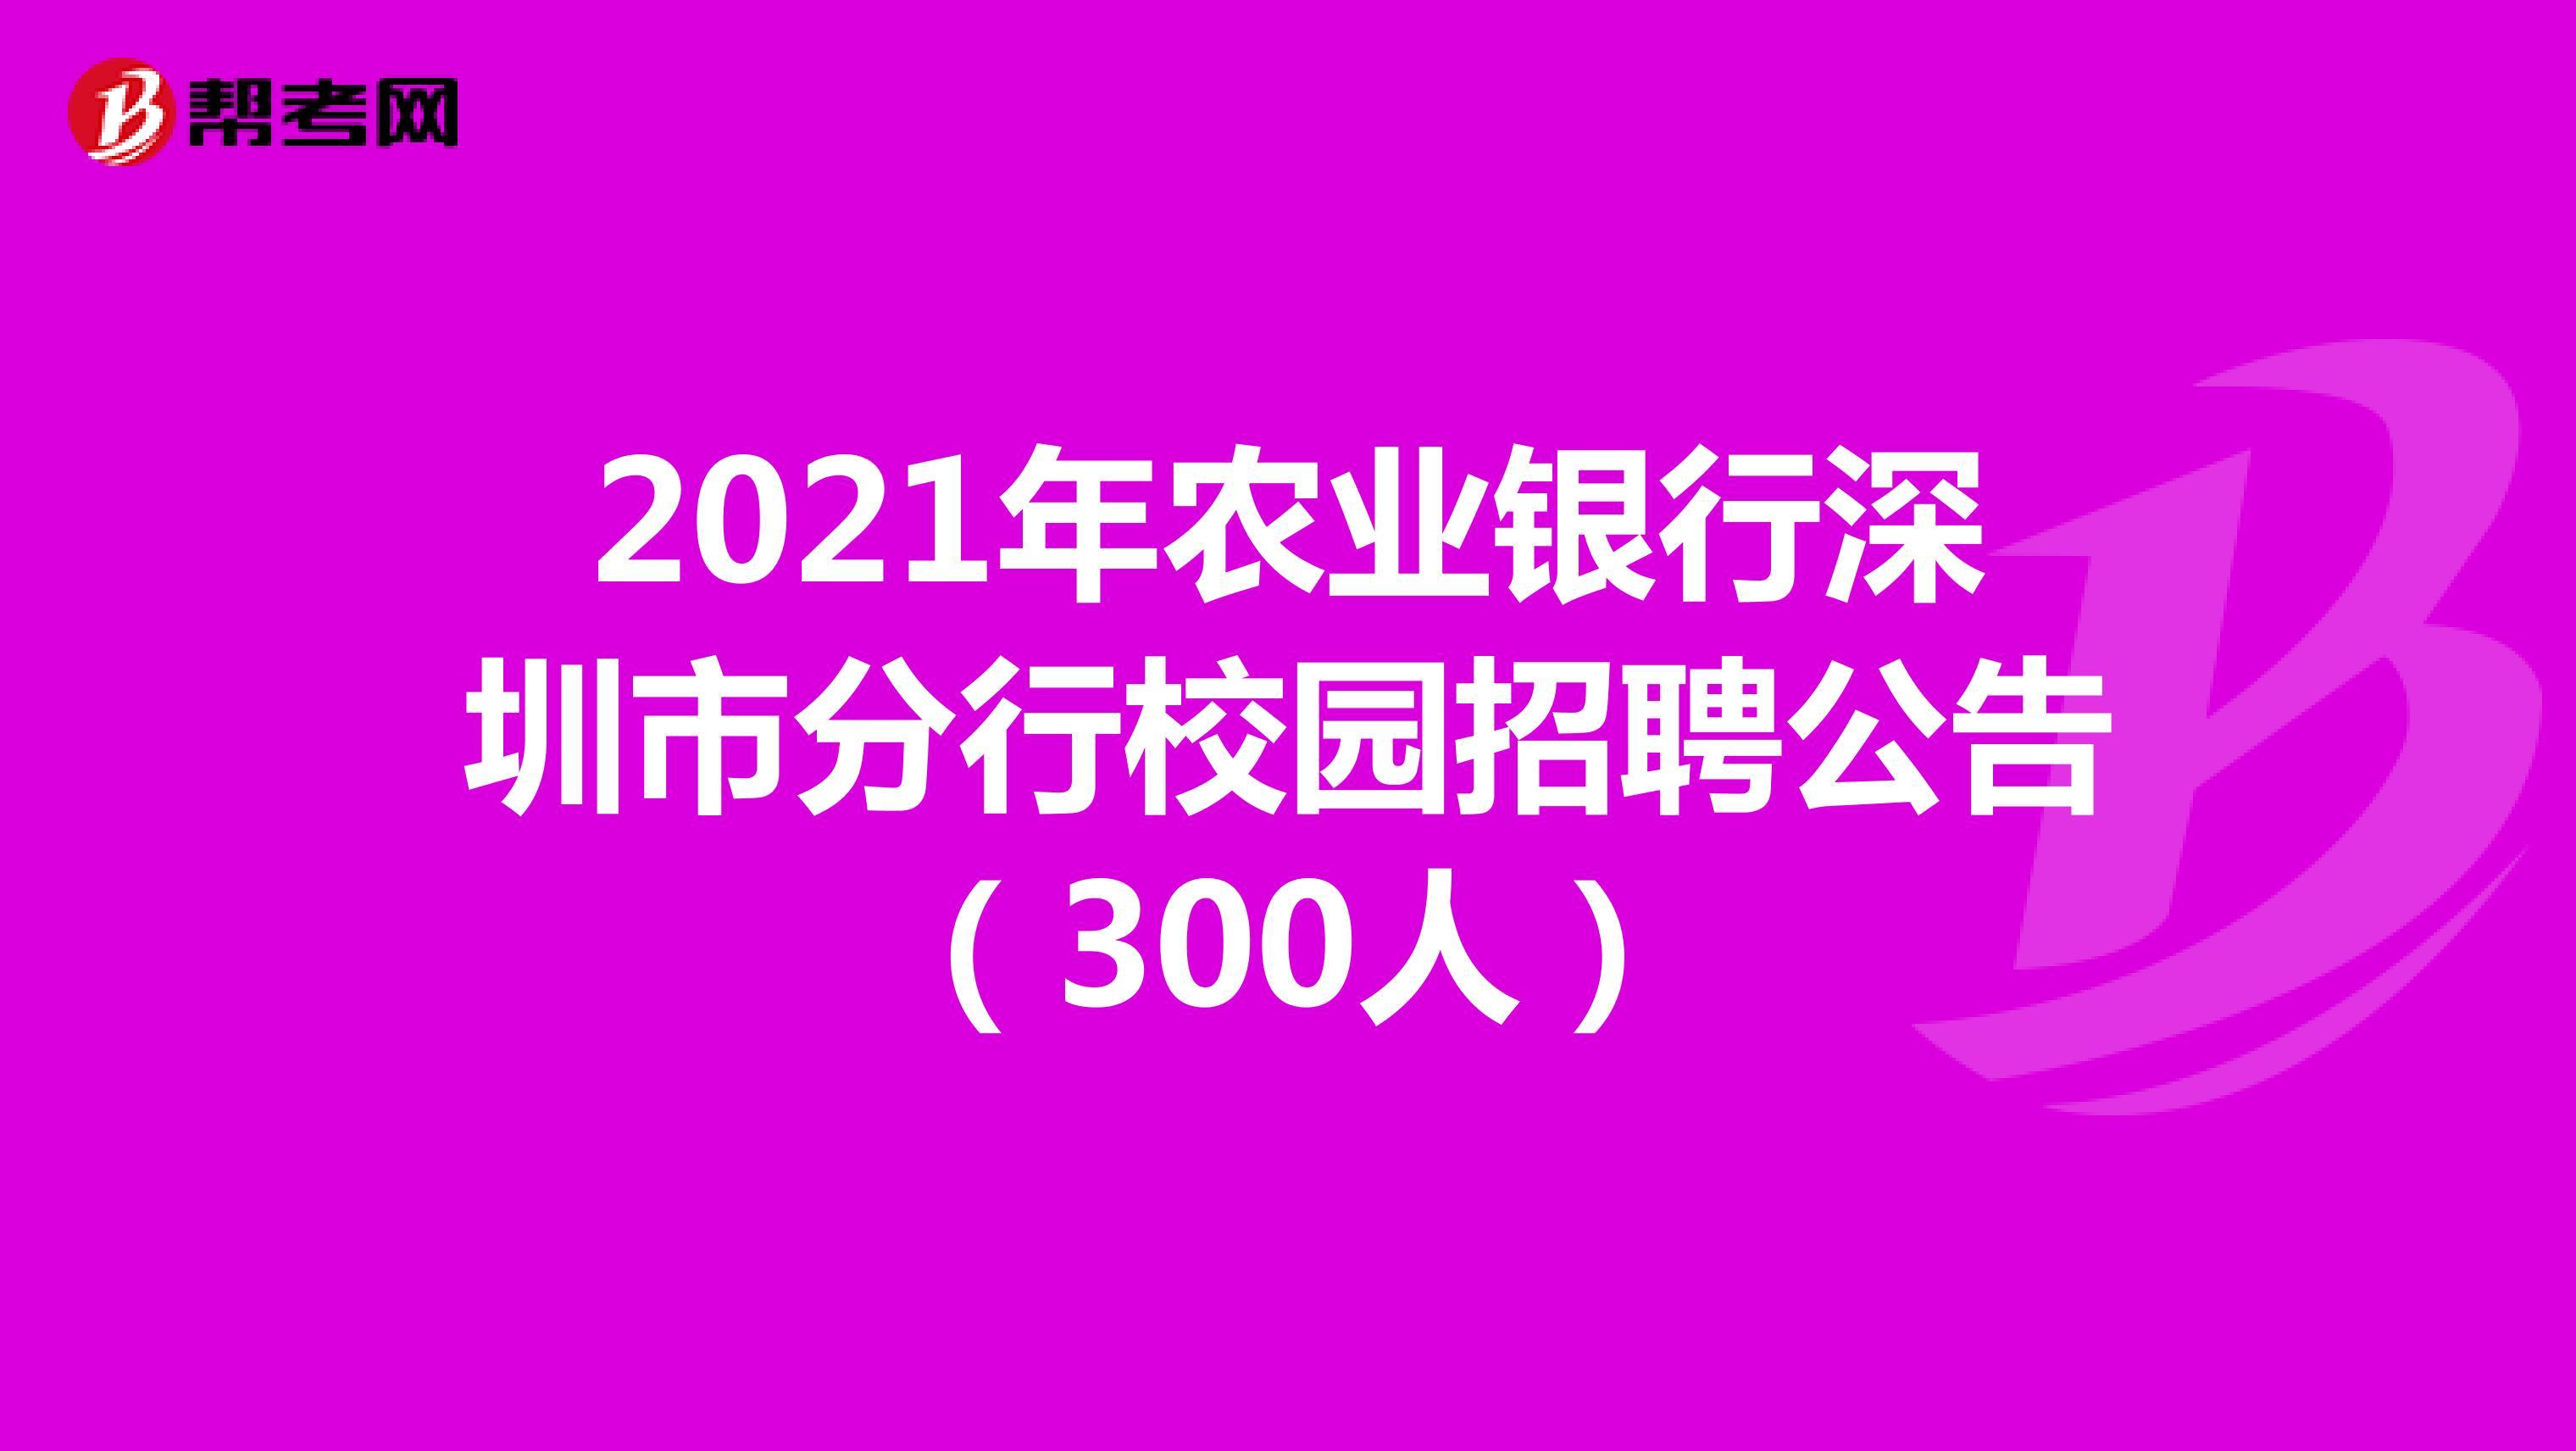 2021年农业银行深圳市分行校园招聘公告(300人)